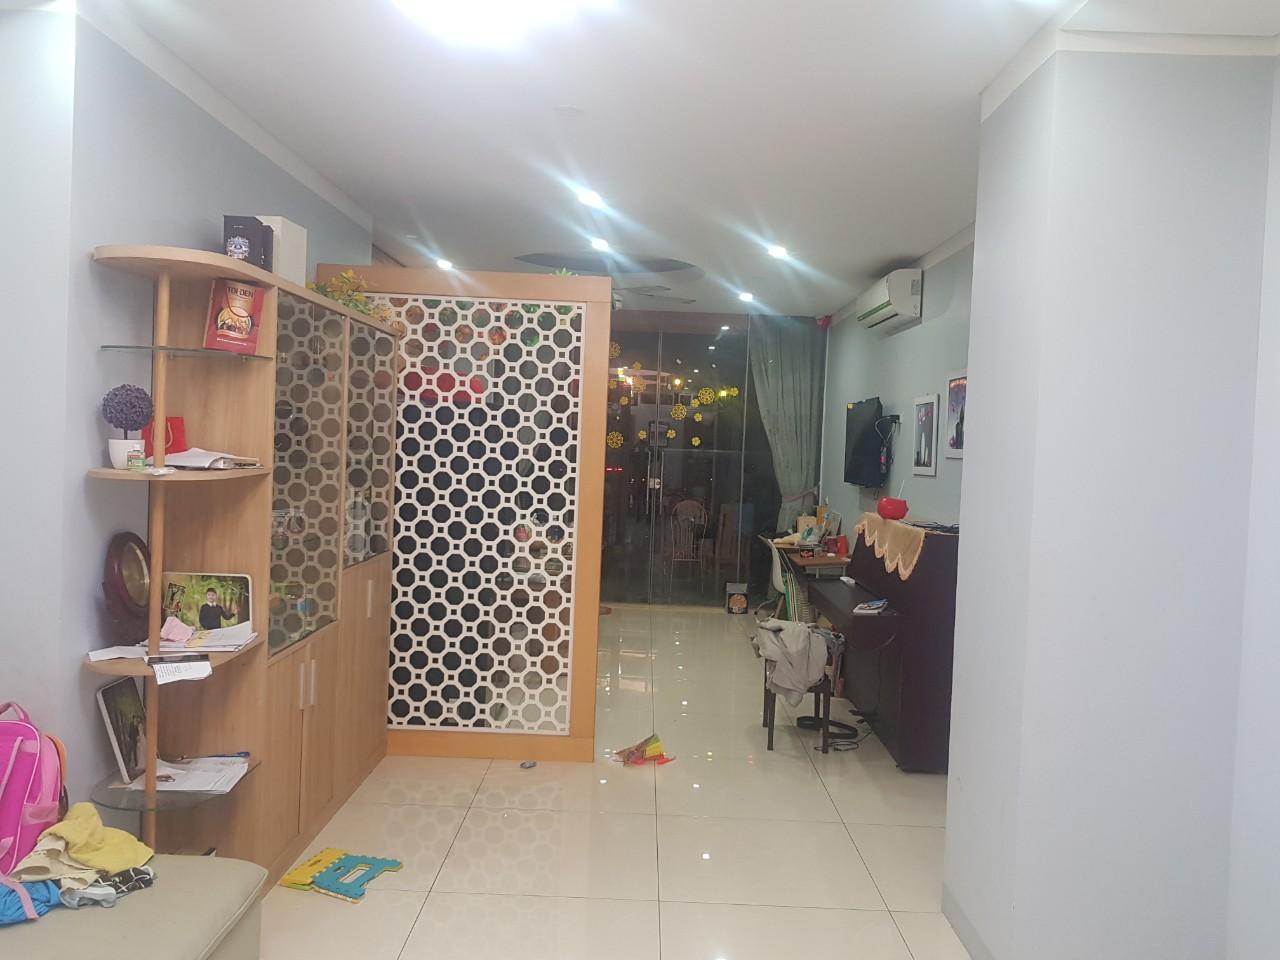 Bán căn góc Chung cư căn 07 4 phòng ngủ, cửa Đông - Nam ban công Tây - Nam, Chung cư CT12 Văn Phú Hà Đông [#H2271.1898]